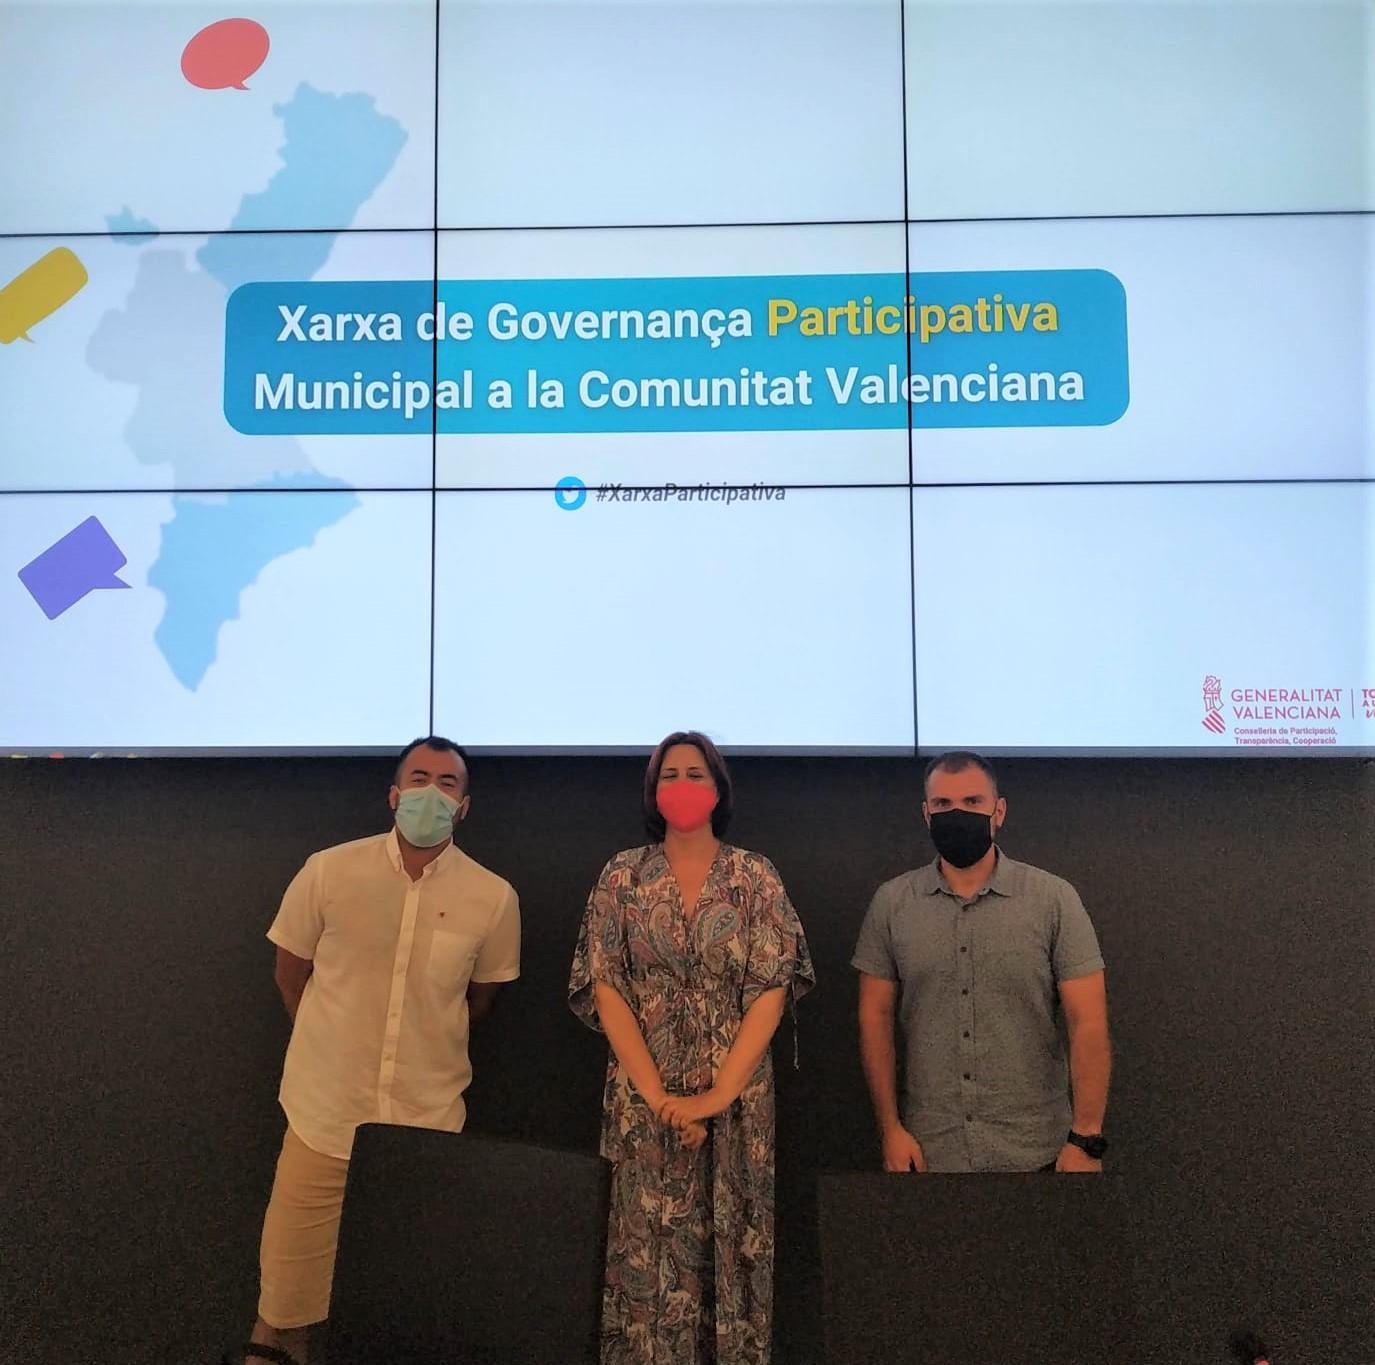 El Ayuntamiento de Elda forma parte del grupo que impulsa la Red de Gobernanza Participativa Municipal de la Comunidad Valenciana